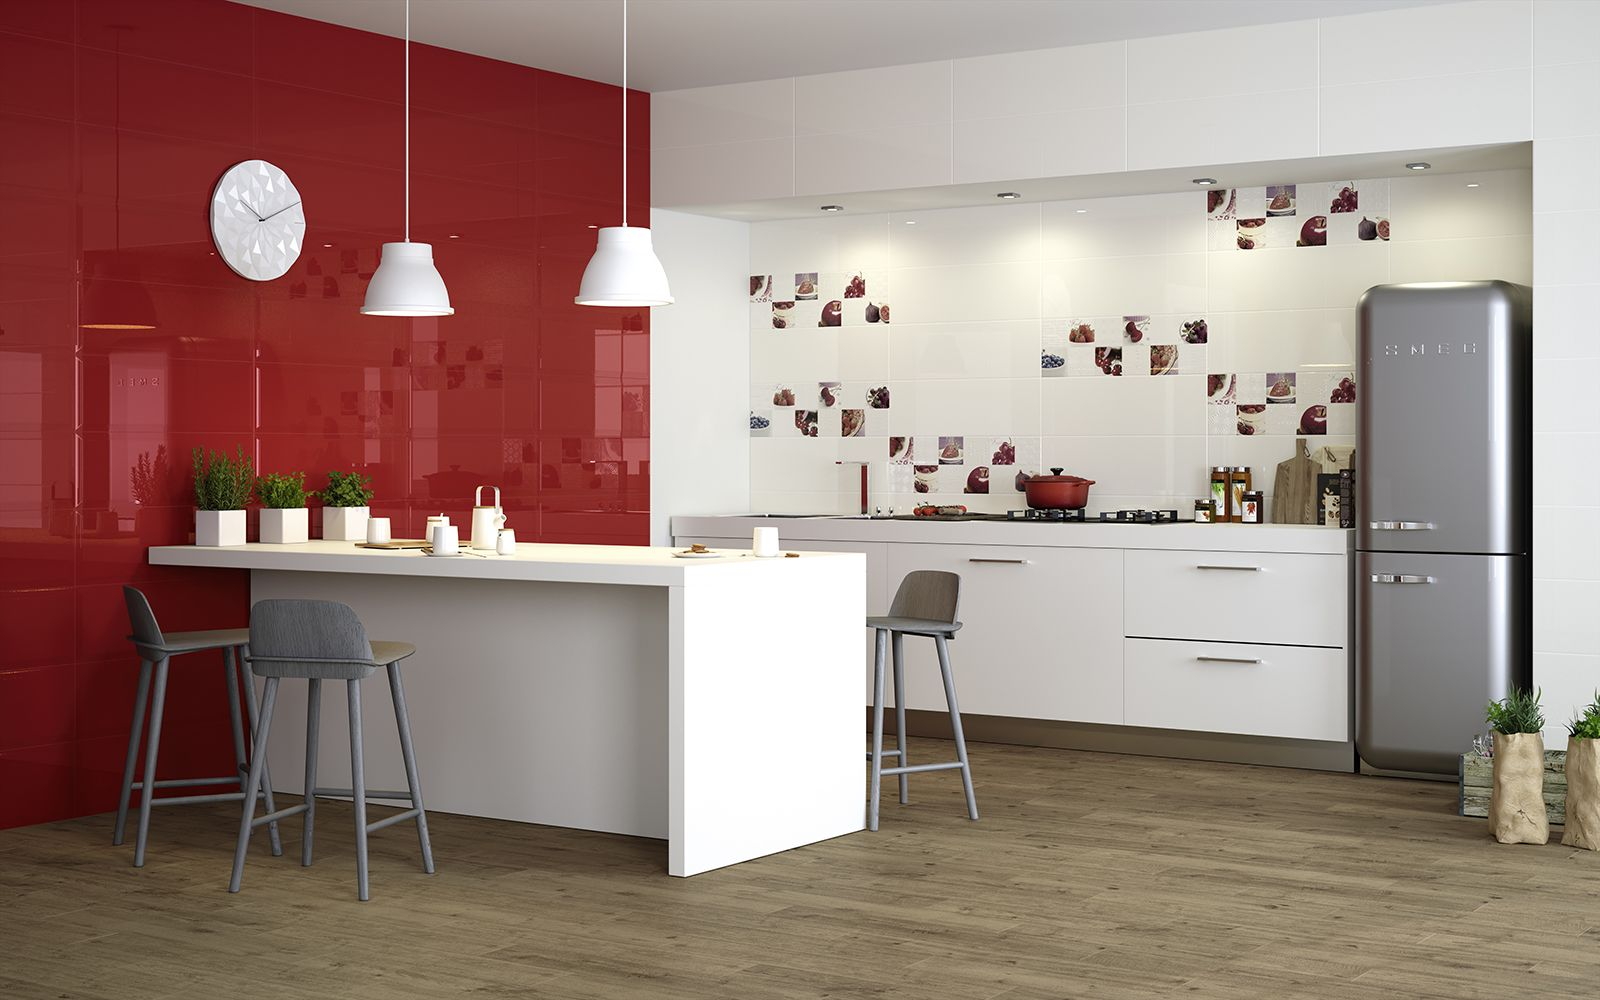 Piastrelle Cucina: idee e soluzioni in ceramica e gres - Marazzi ...